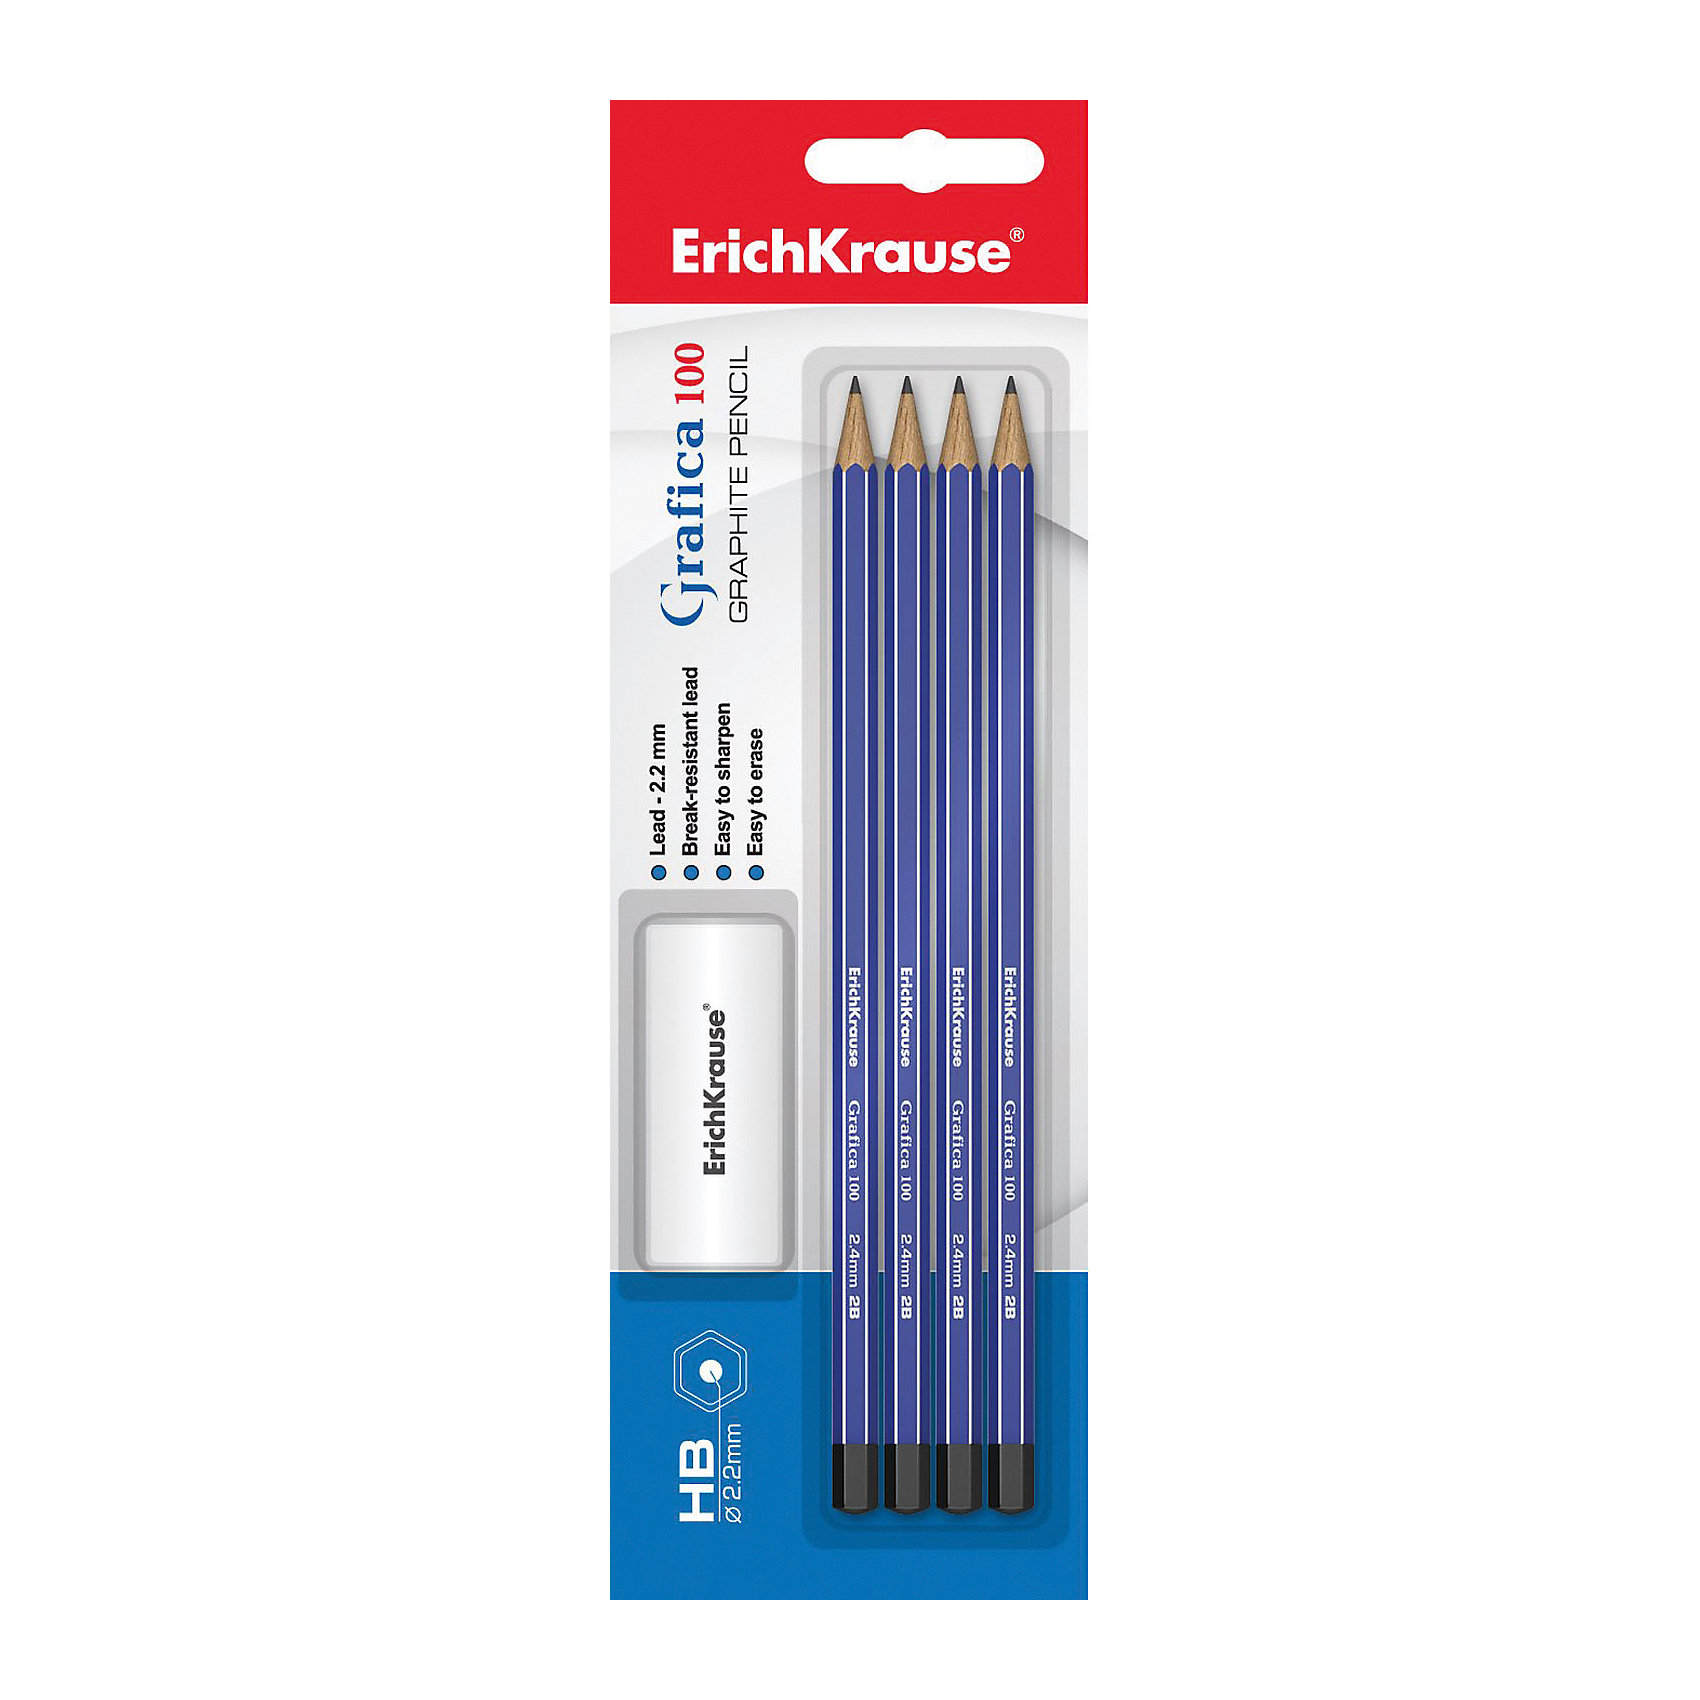 Erich Krause Чернографитный карандаш GRAFICA 100 (НВ) шестигранный, заточенный, в наборе из 3 штук + ластик (блистер)Письменные принадлежности<br>Характеристики товара:<br><br>• в комплекте: 3 чернографитных карандаша, ластик;<br>• твердость: HB;<br>• размер упаковки: 1,5х6х20 см;<br>• вес: 56 грамм.<br><br>В набор от Erich Krause входят 3 чернографитных карандаша твердостью HB и прямоугольный ластик. Карандаши имеют прочный шестигранный корпус, заточены. Не царапают бумагу и не требуют сильного нажатия. Начерченные линии легко стираются ластиком.<br><br>Erich Krause (Эрих Краузе) Чернографитный карандаш GRAFICA 100 (НВ) шестигранный, заточенный, в наборе из 3 штук + ластик (блистер) можно купить в нашем интернет-магазине.<br><br>Ширина мм: 200<br>Глубина мм: 60<br>Высота мм: 15<br>Вес г: 55<br>Возраст от месяцев: 144<br>Возраст до месяцев: 2147483647<br>Пол: Унисекс<br>Возраст: Детский<br>SKU: 6878838